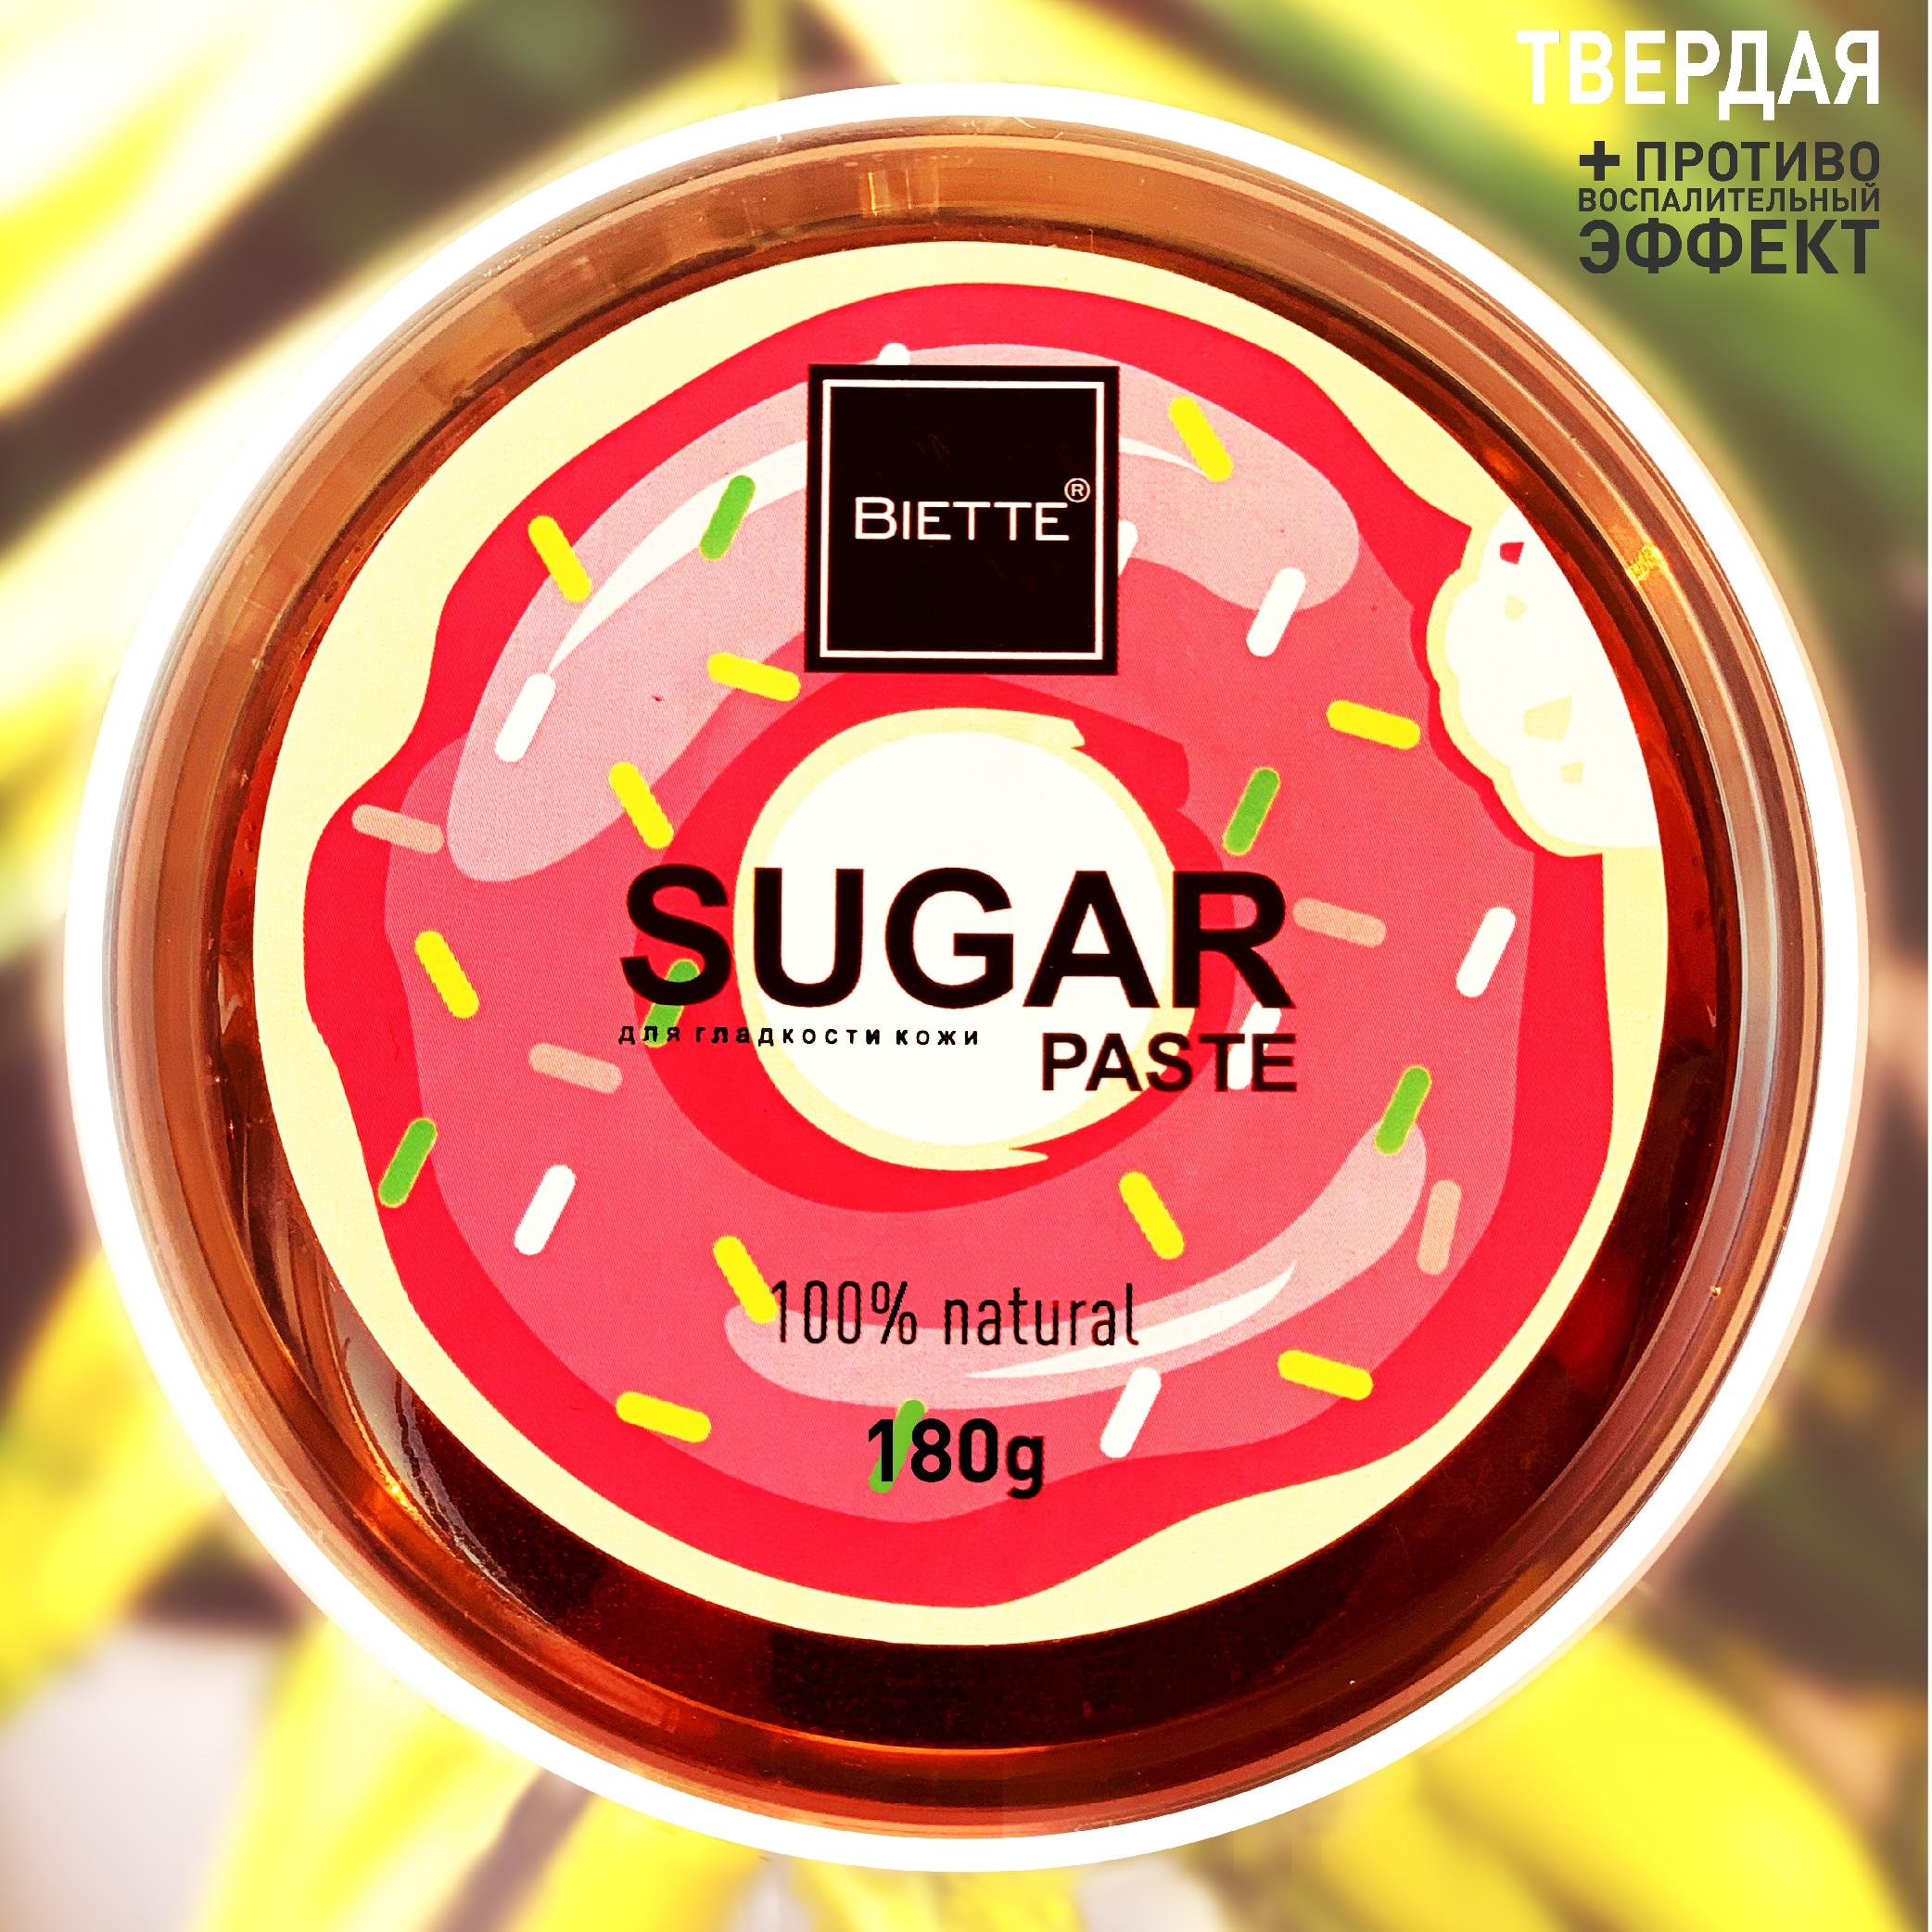 BIETTE Сахарная паста для шугаринга Плотная, 180 гр / Доказанная защита от воспалений и вросших волос